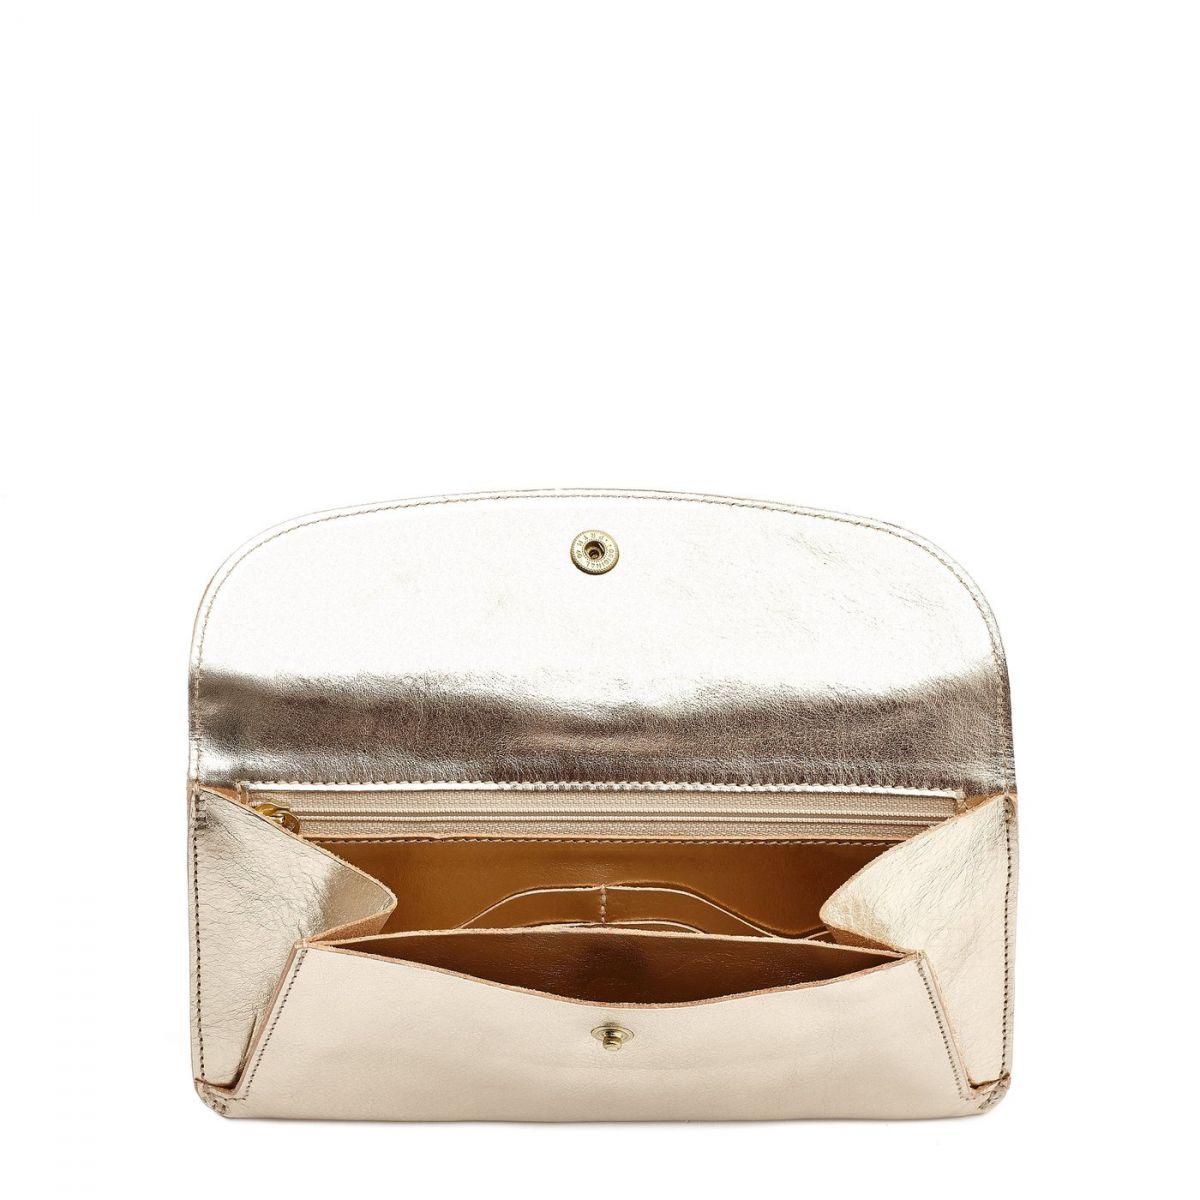 Women's Wallet  in Metallic Leather SMW116 color Metallic Platinum | Details